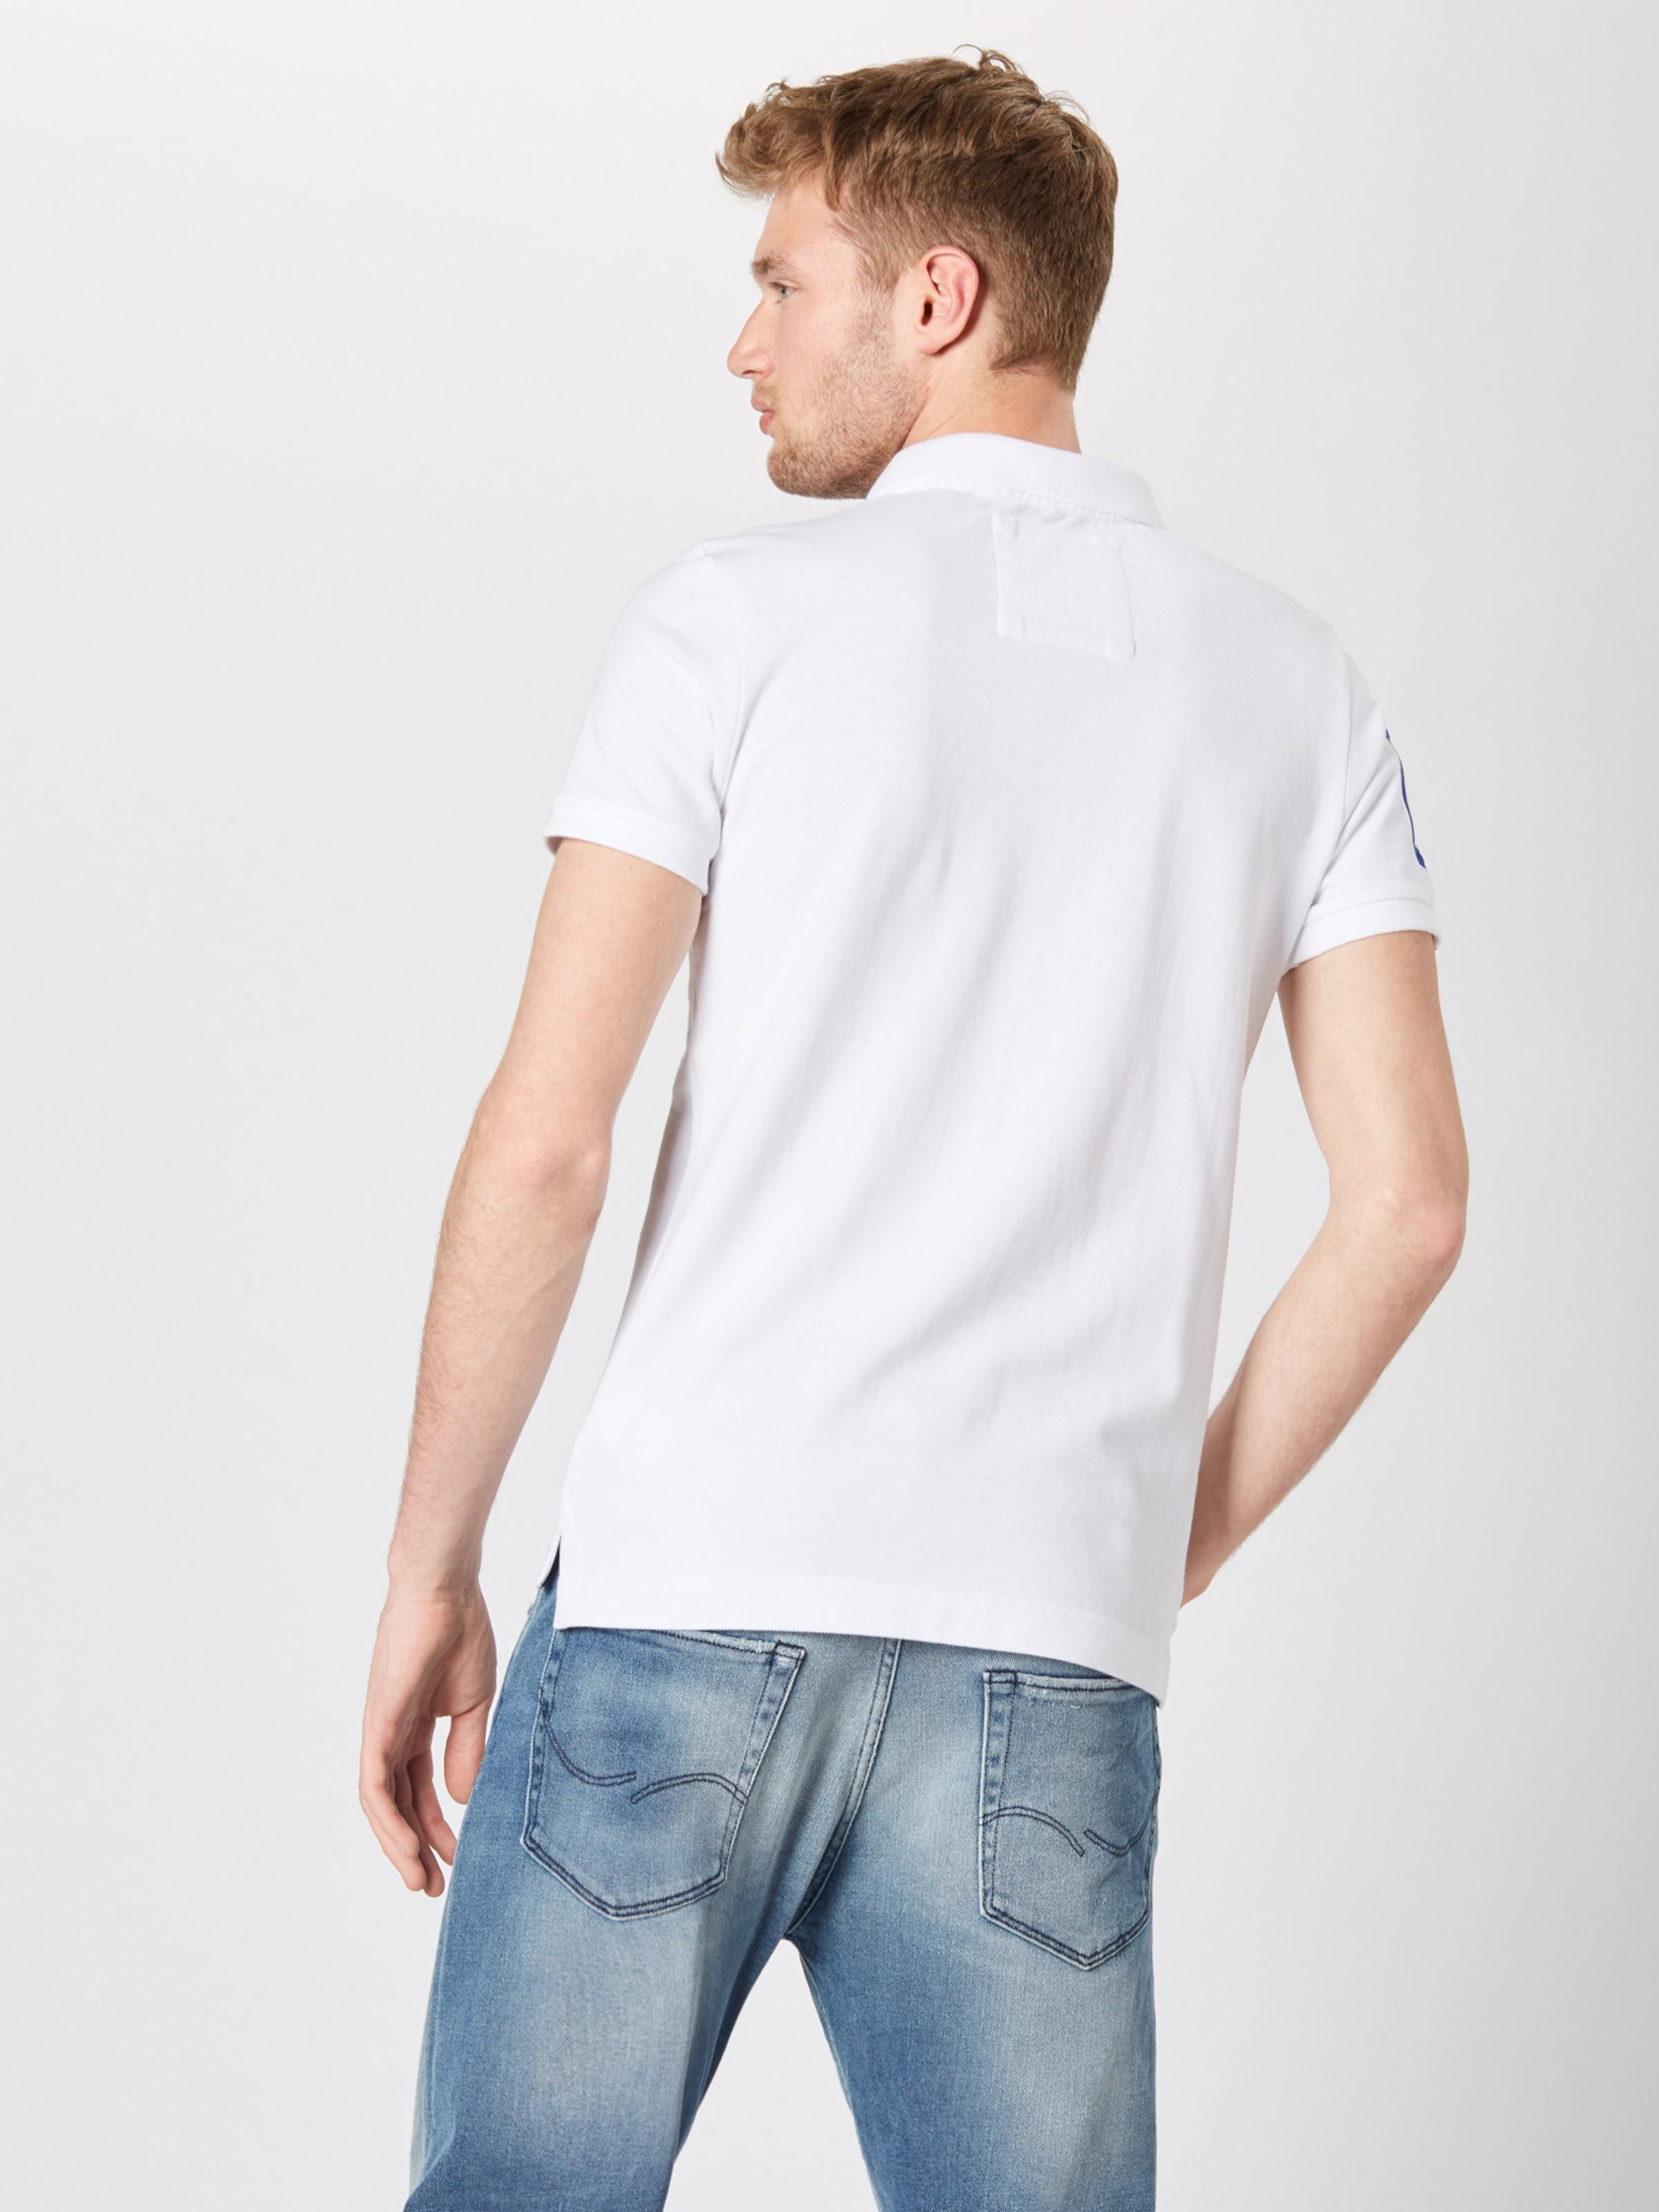 T Superdry BleuOrange 'classic shirt Blanc En Noir Pique' 4RAq53jL